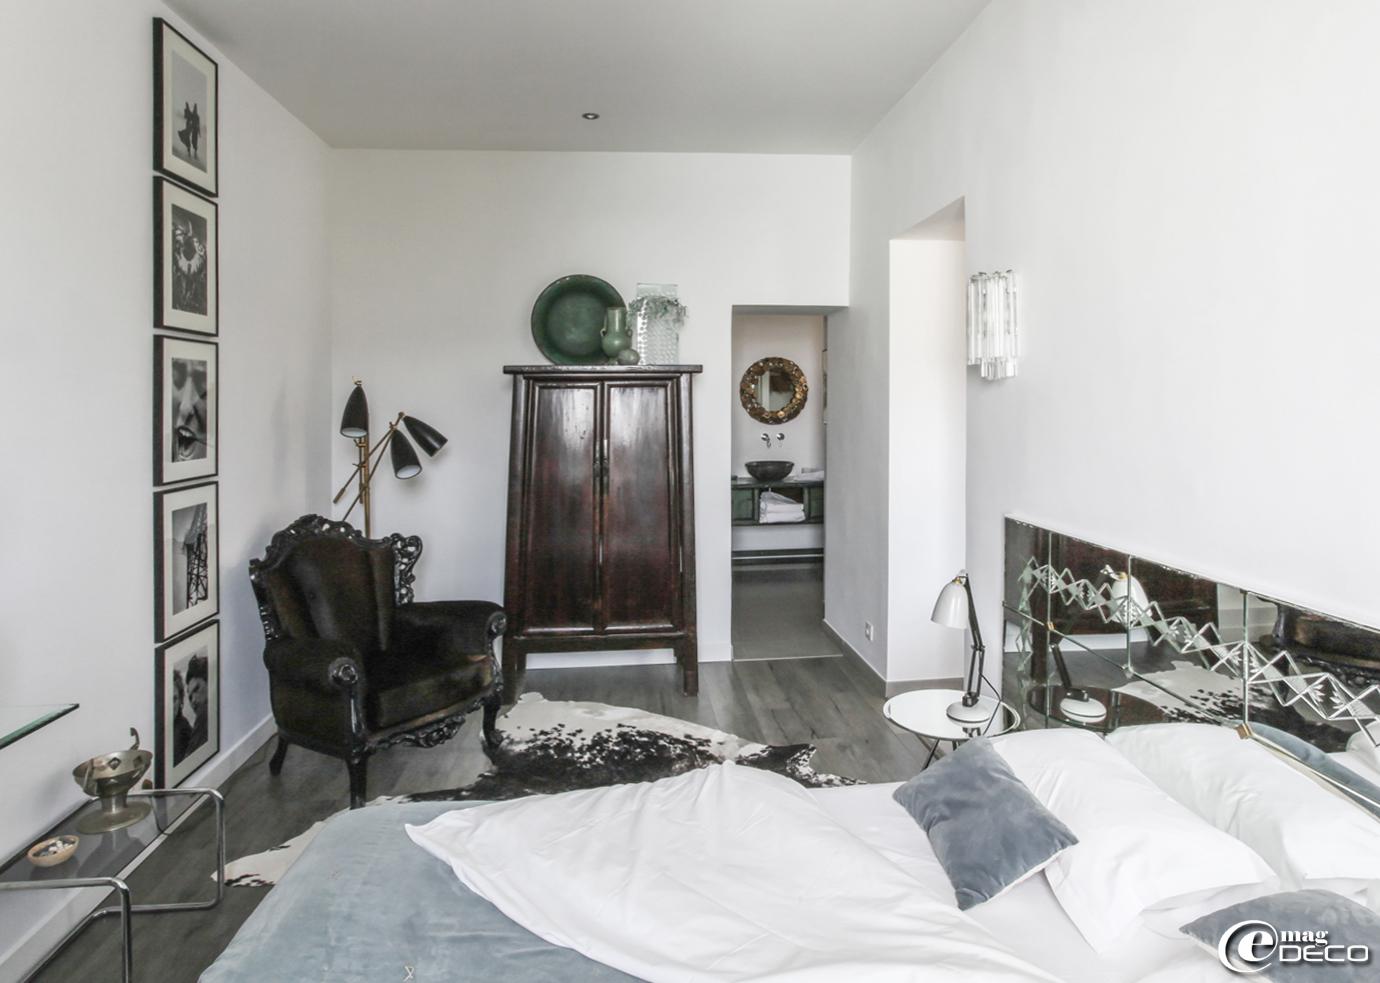 la suite cassis e magdeco magazine de d coration. Black Bedroom Furniture Sets. Home Design Ideas